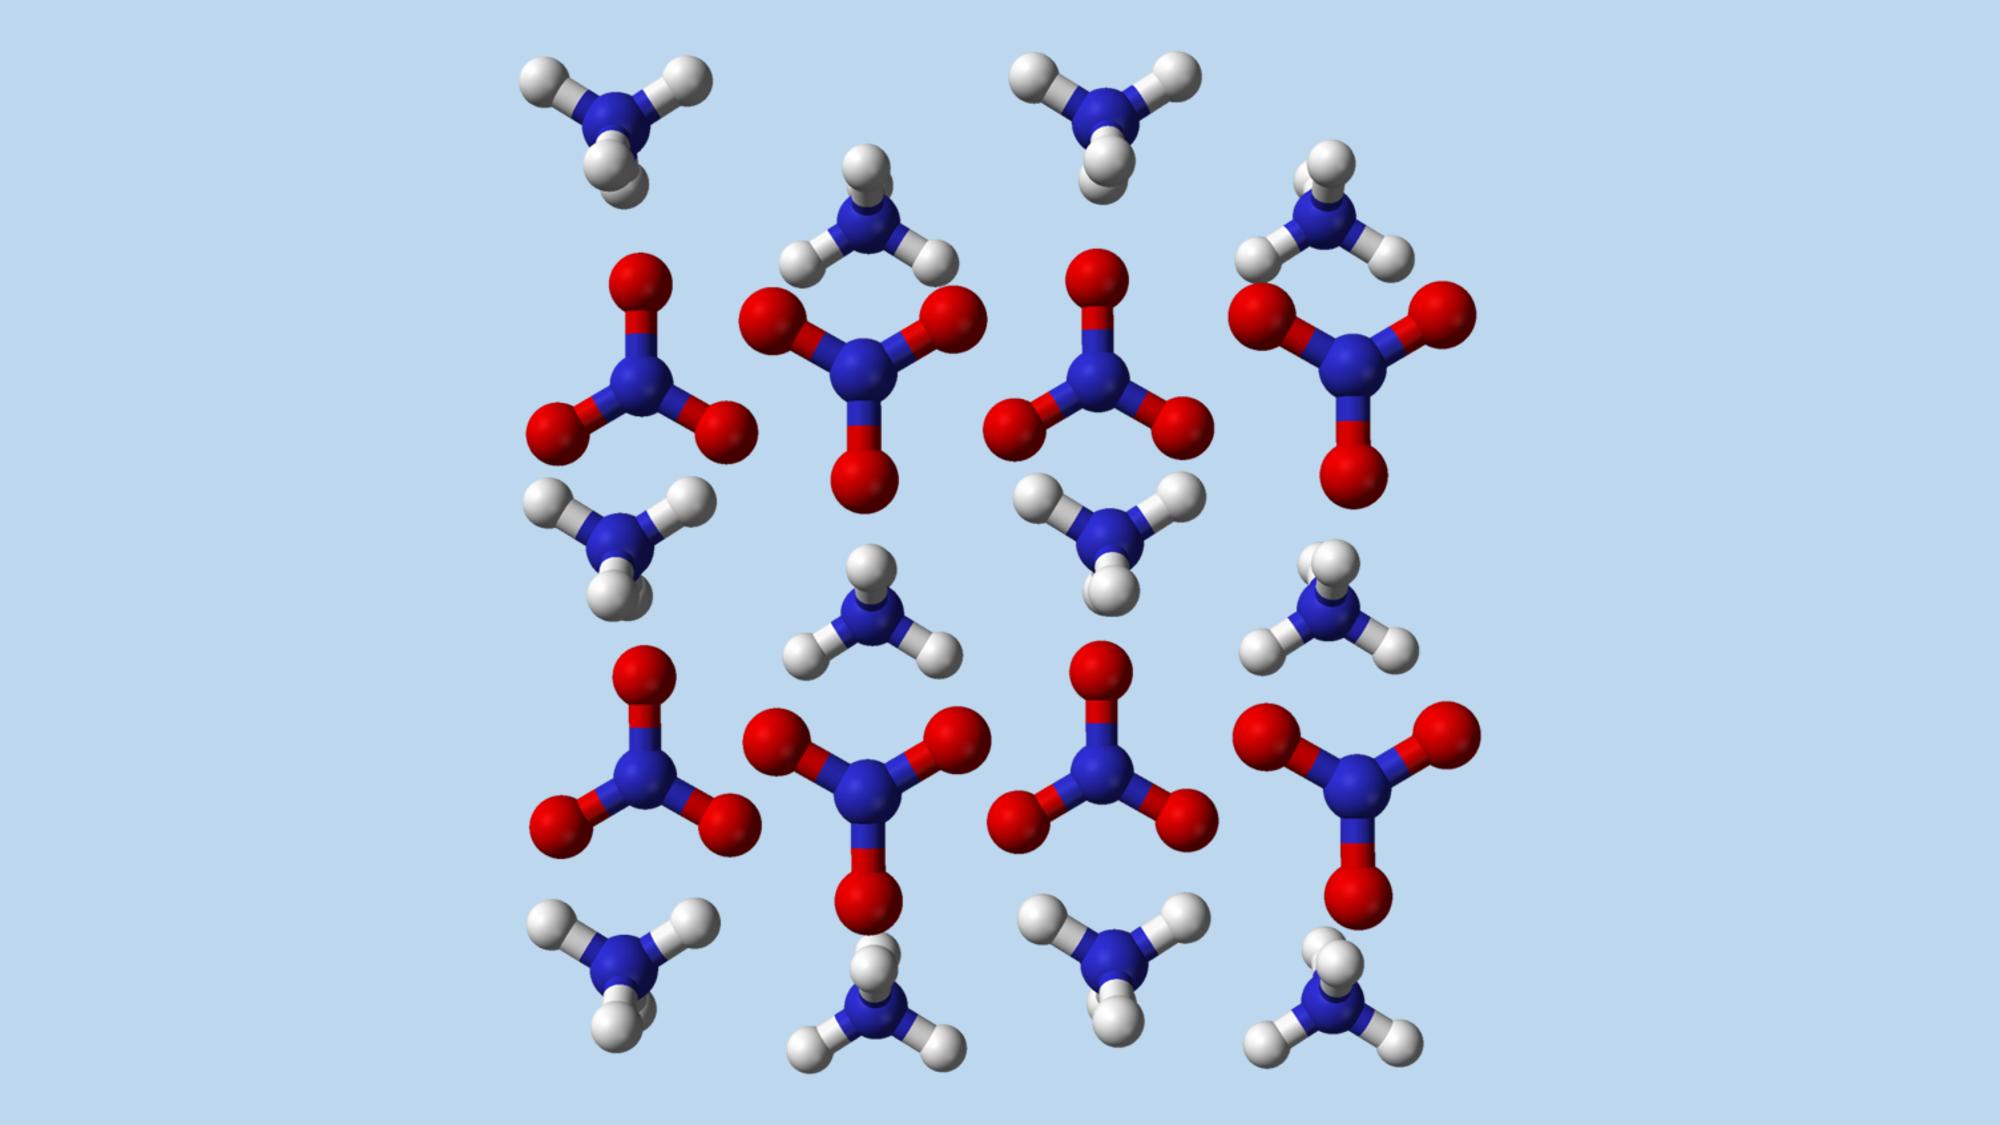 מולקולות של אמוניום ניטראט (כחול - חנקן, אדום - חמצן, לבן - מימן) | מקור: ויקיפדיה, נחלת הכלל